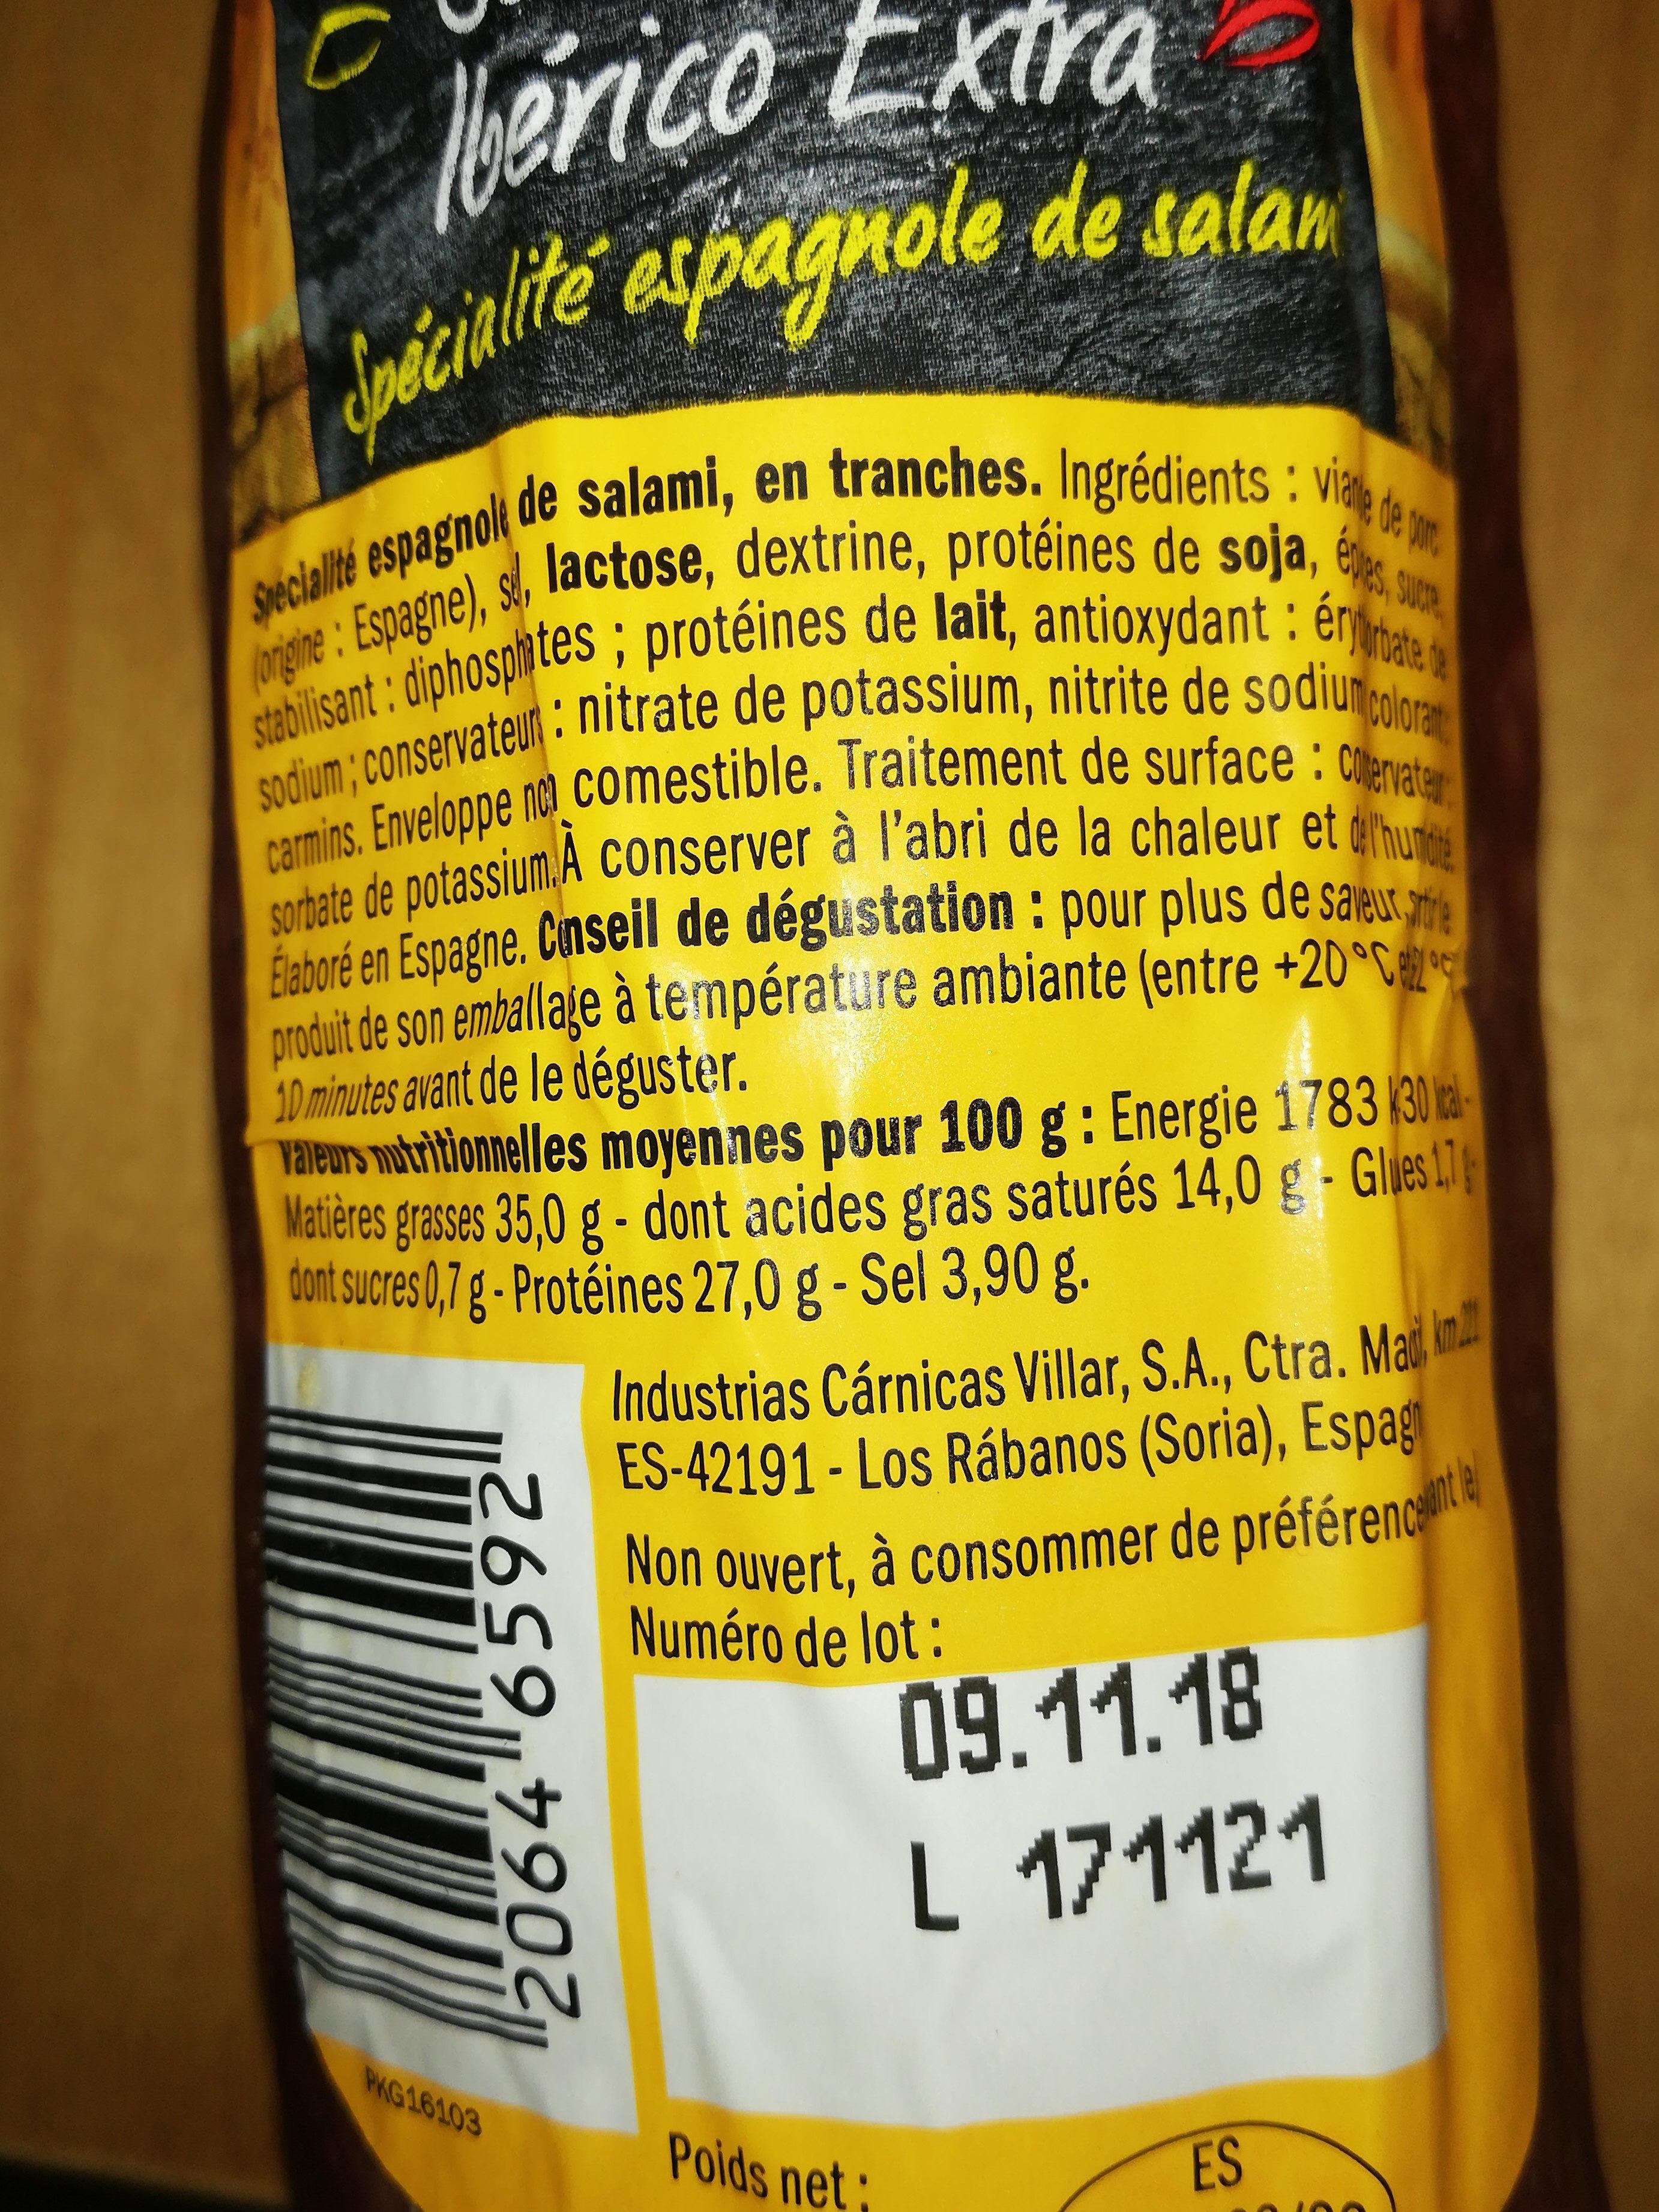 Salami espagnole - Nutrition facts - fr